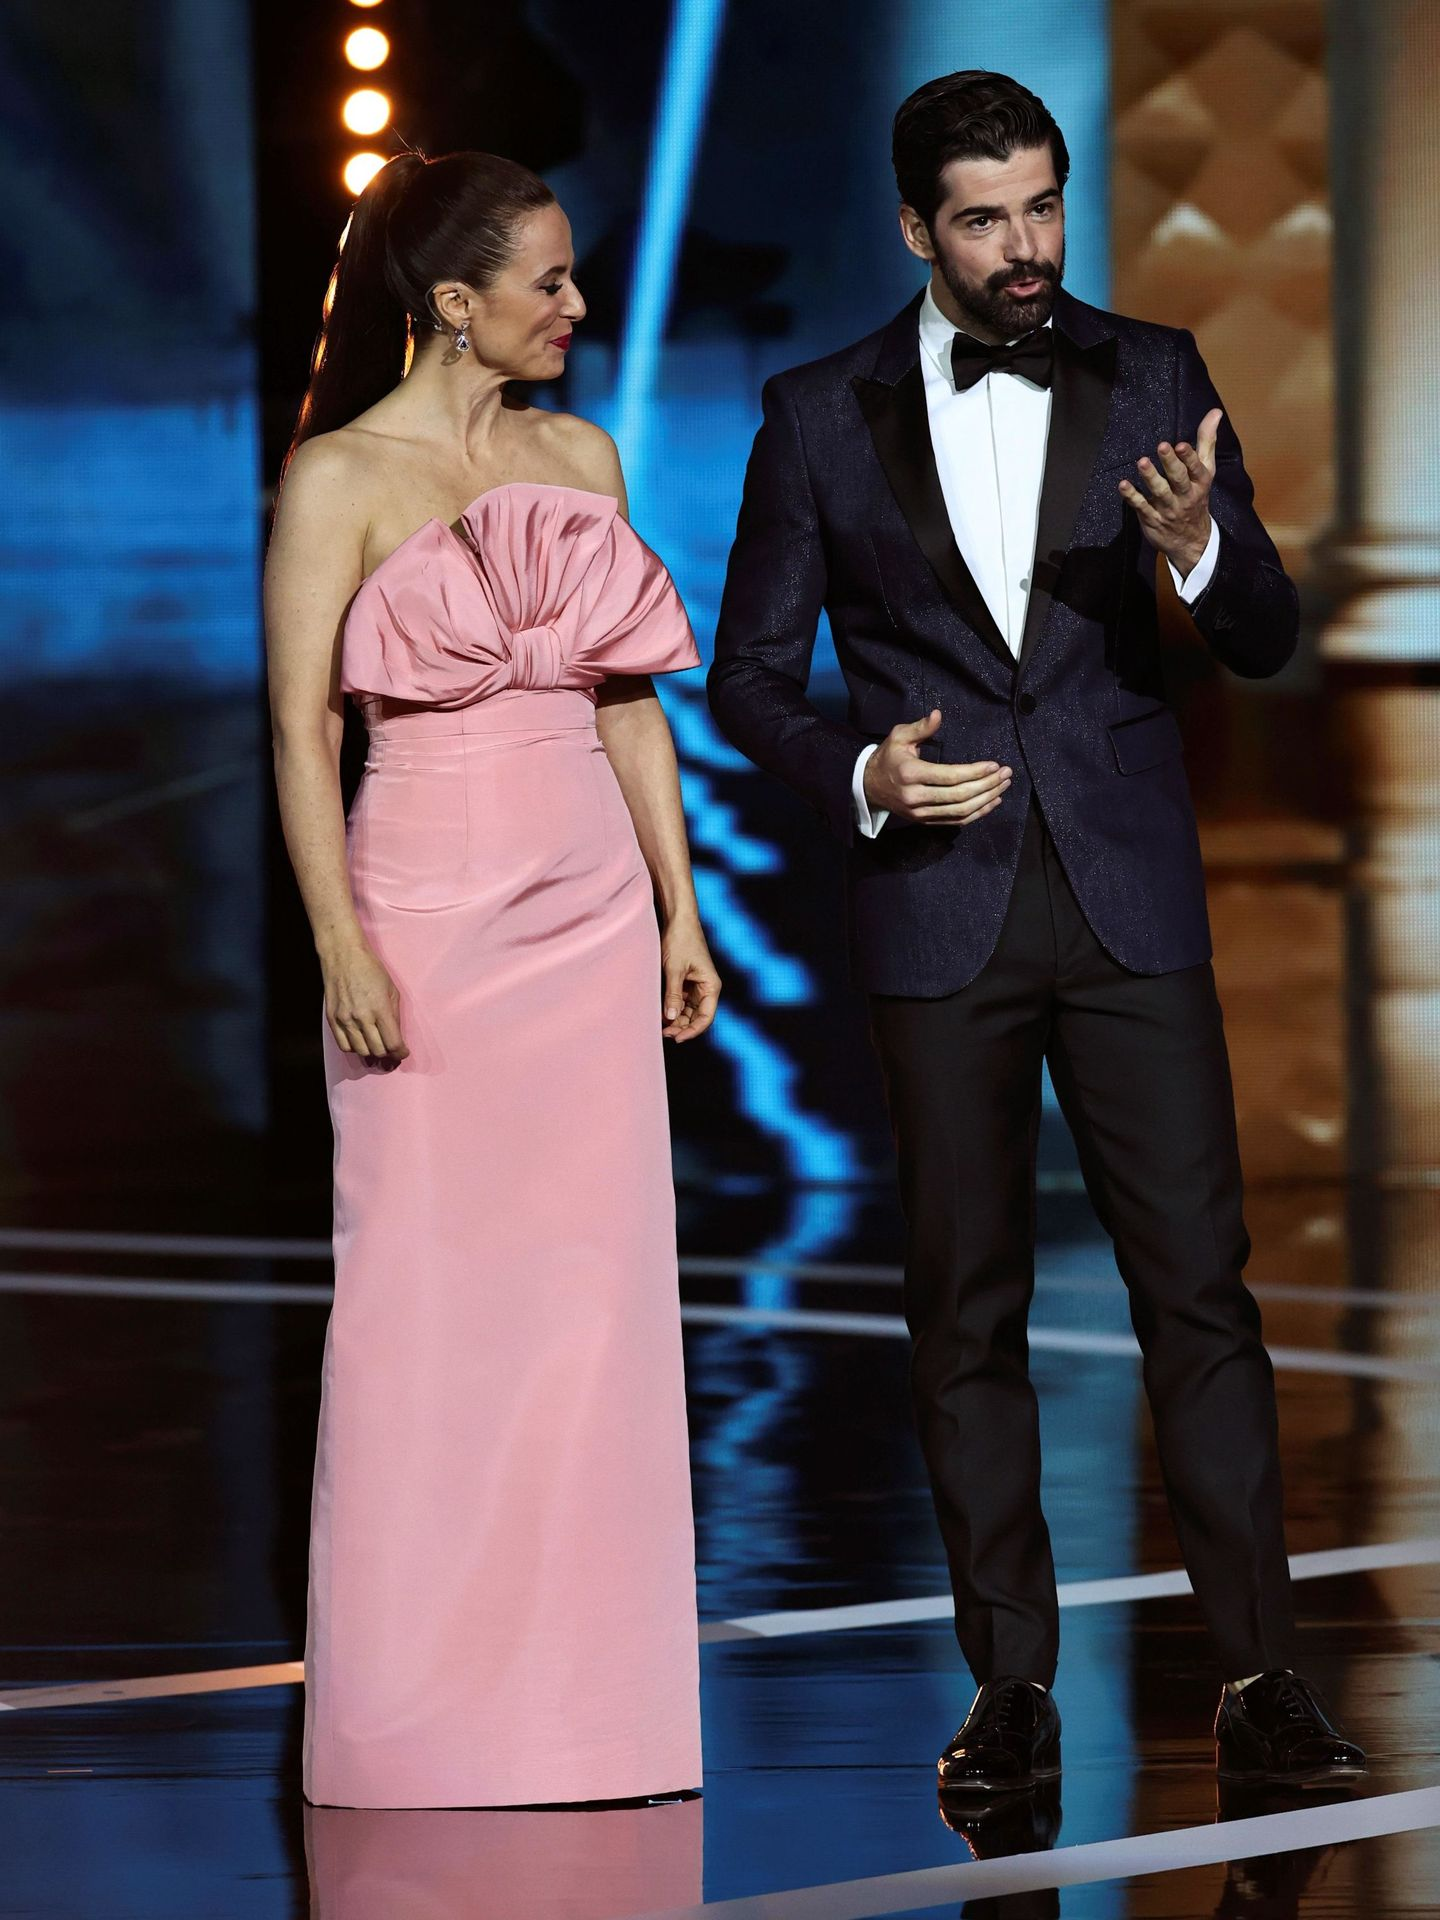 Miguel Ángel Muñoz y Aitana Sánchez-Gijón, durante la entrega de los Premios Forqué. (EFE)